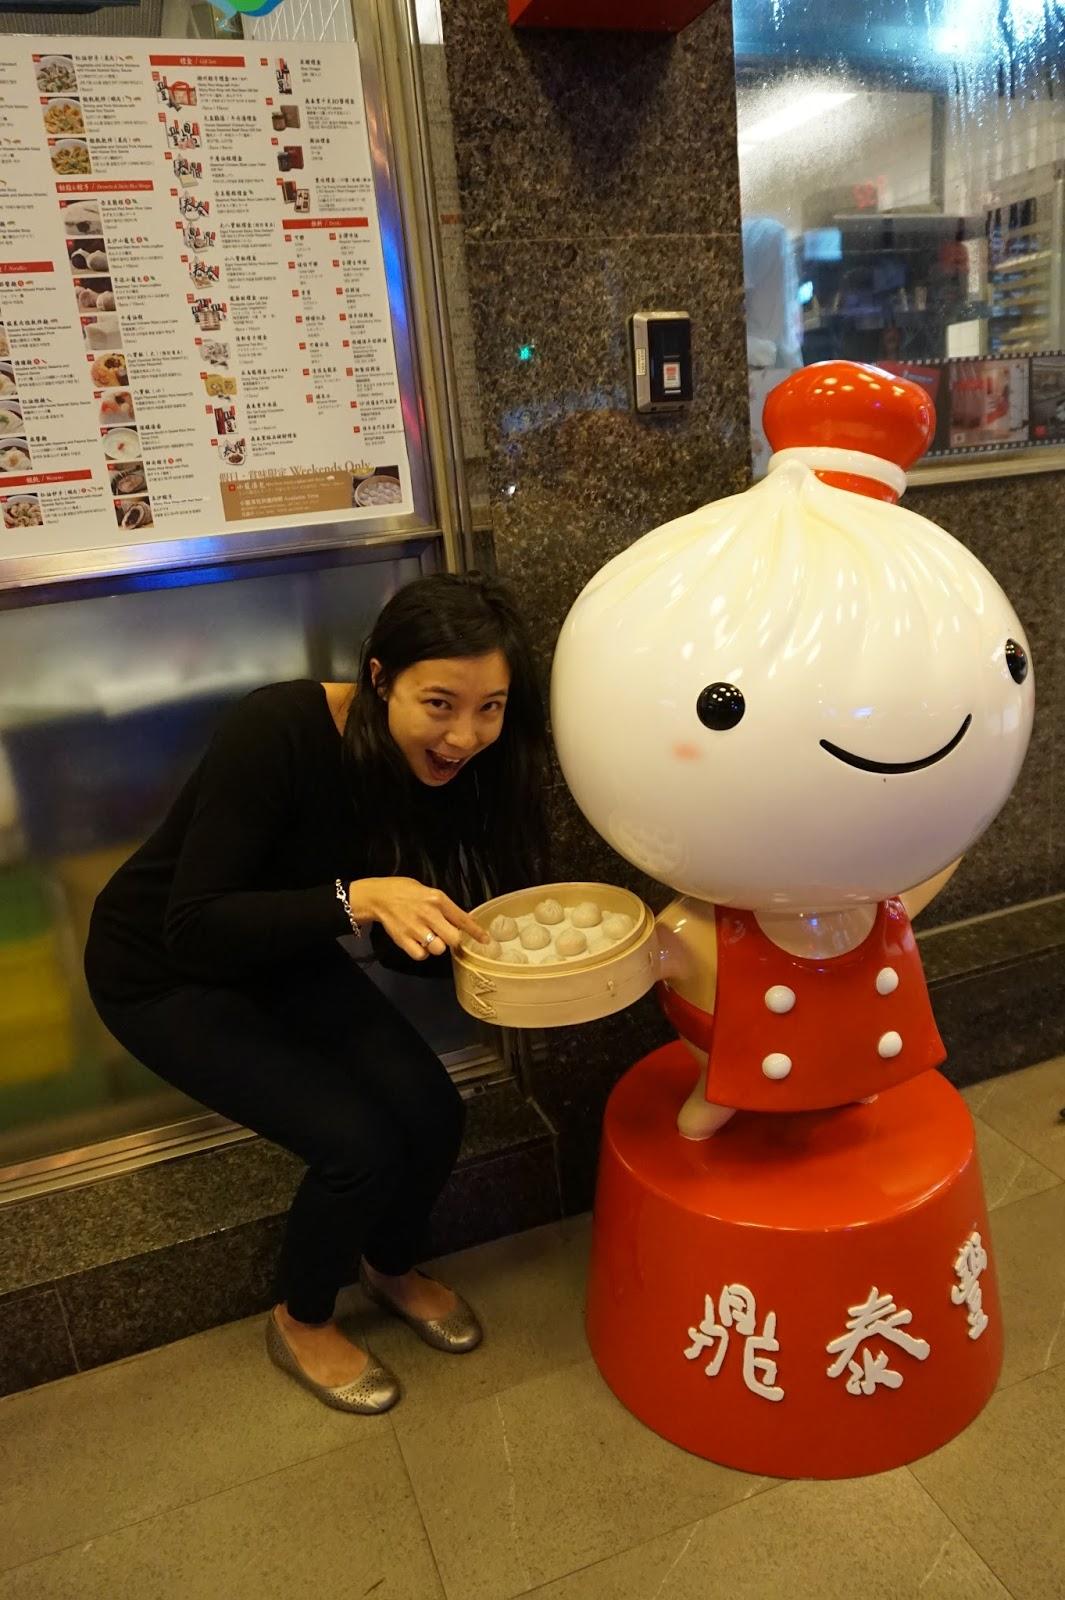 Din Tai Fung restaurant Xinyi Road Taipei Taiwan dumplings xiao long bao